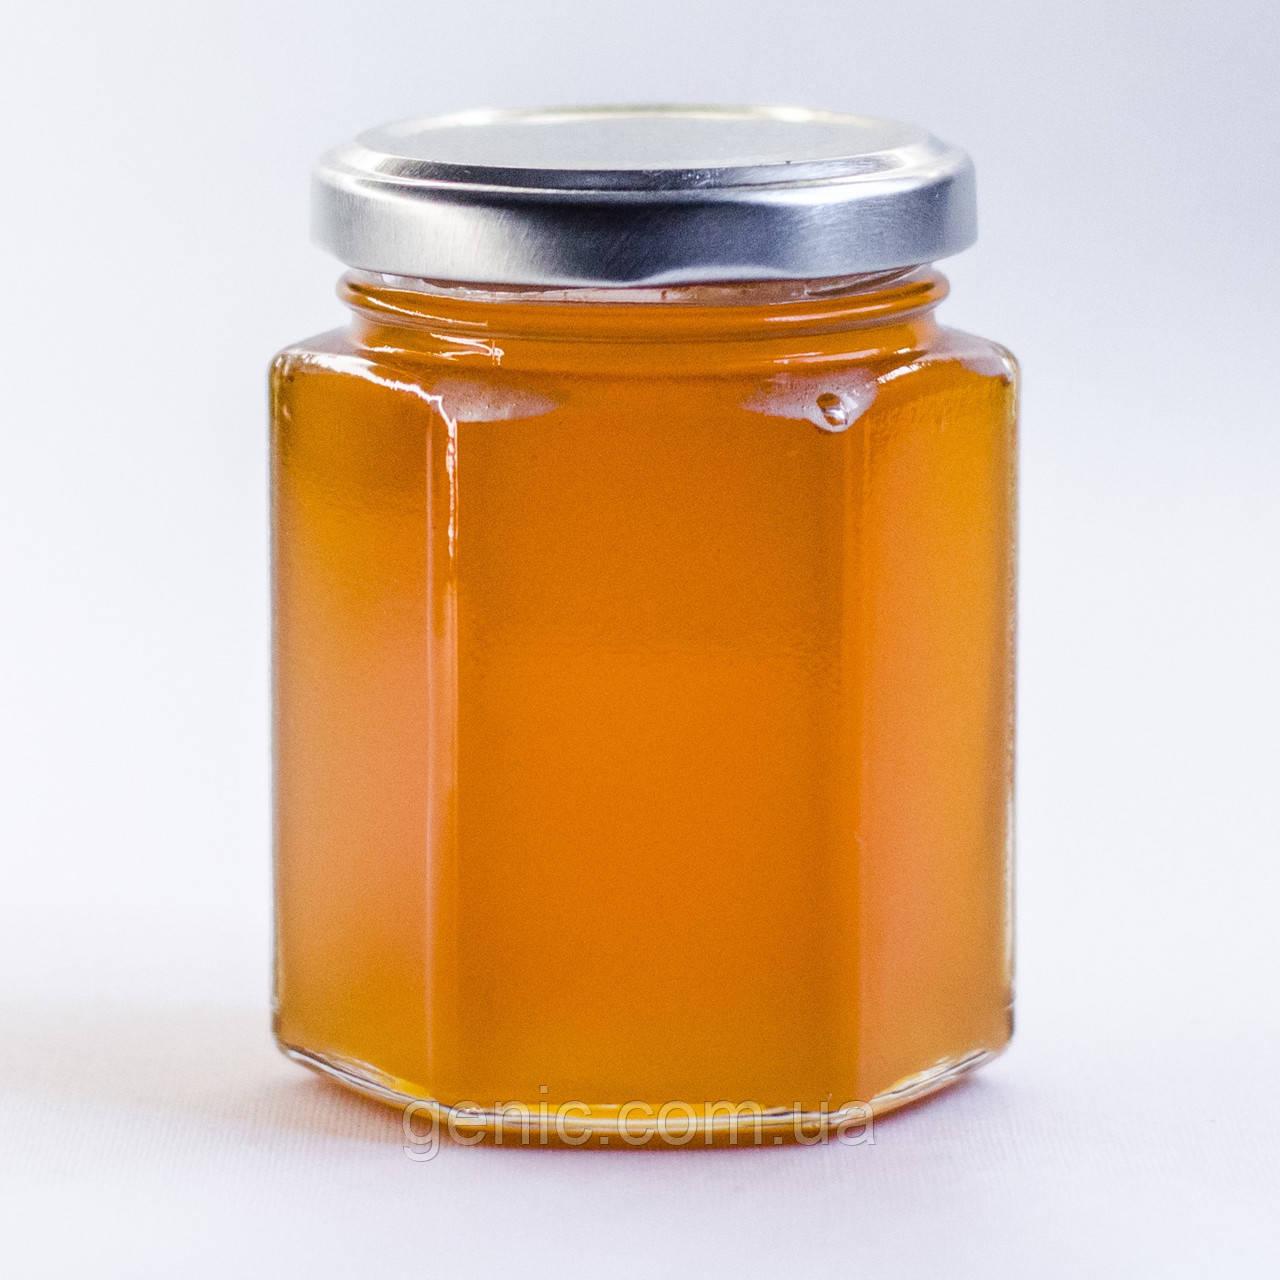 Лесной мёд 270 грамм (баночка 192 мл)